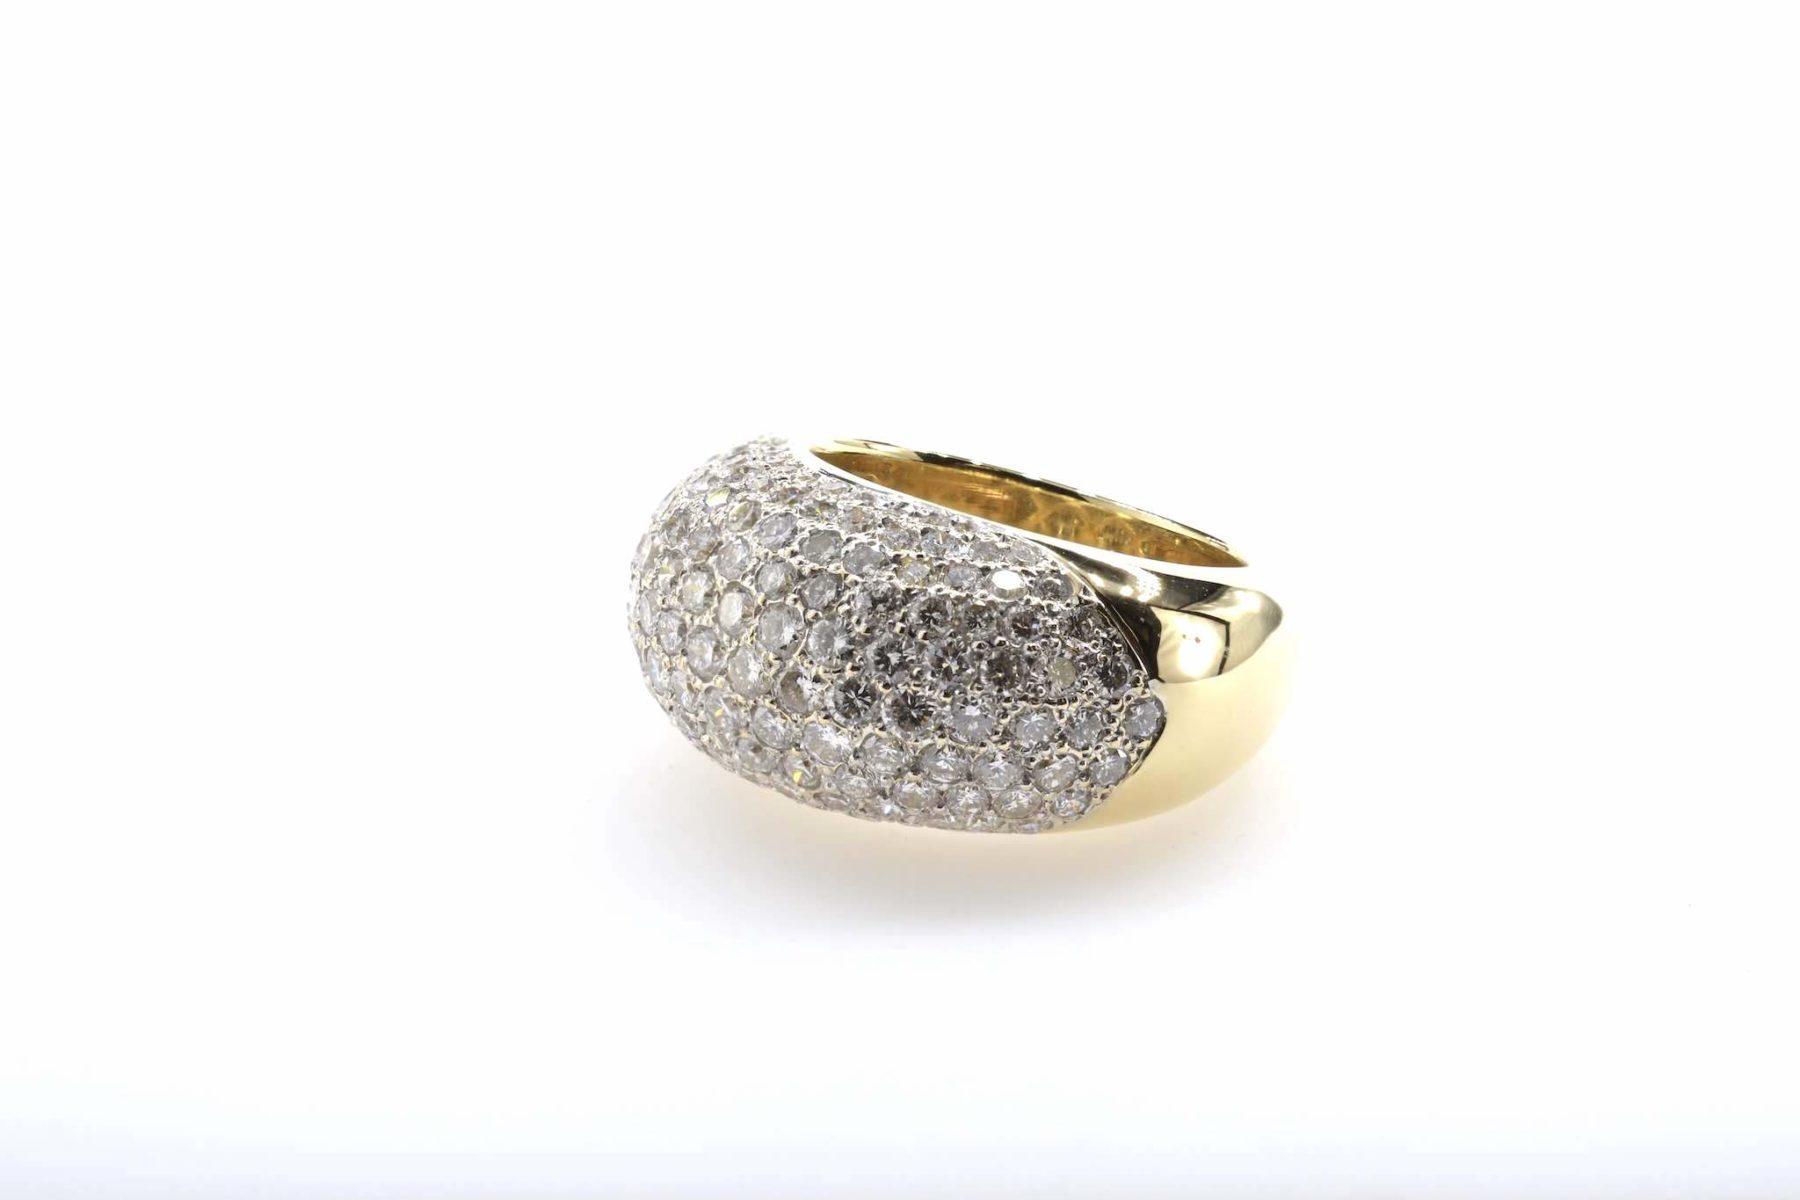 Bague dôme pavée de diamants en or jaune 18k